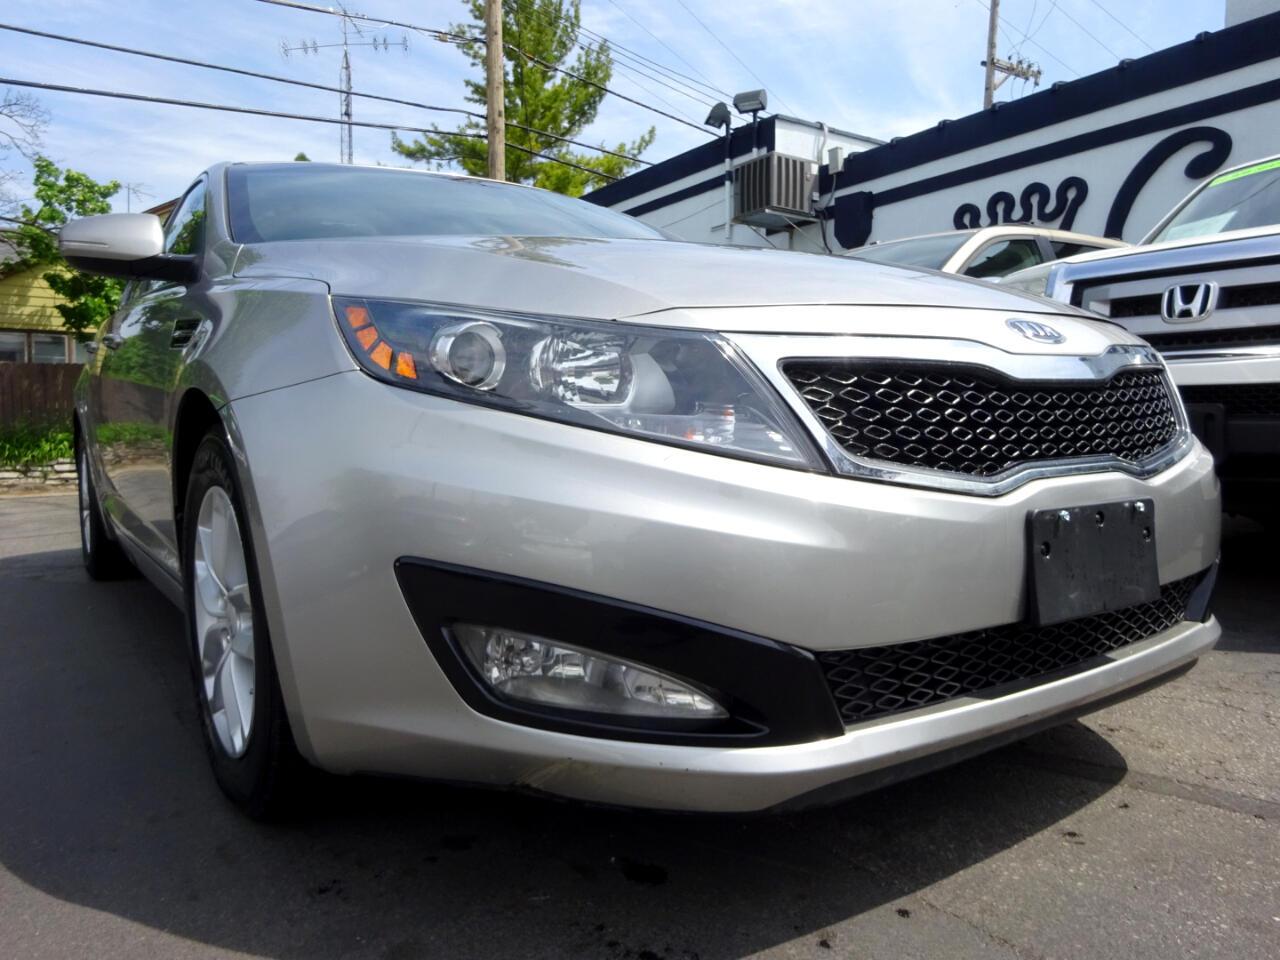 Kia Optima 4dr Sdn 2.4L Auto LX 2012